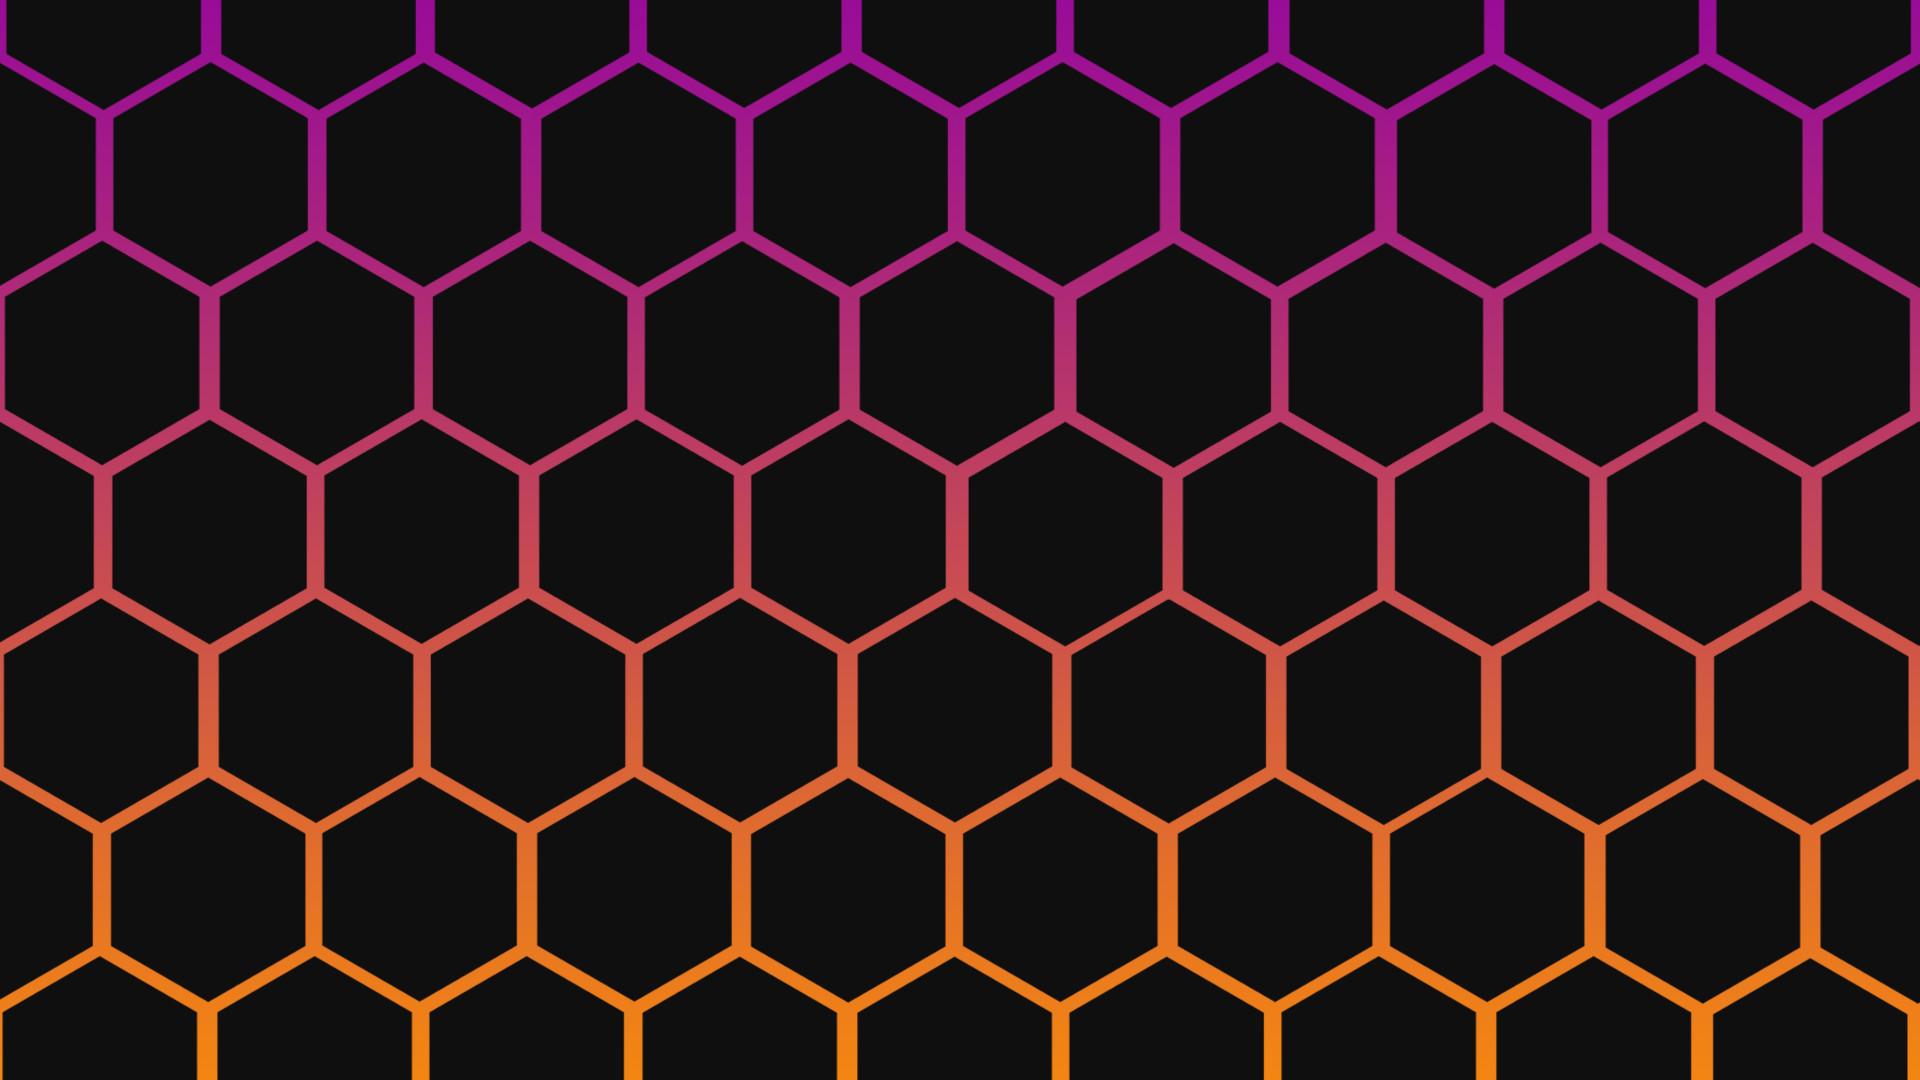 Cs Go Skin Wallpaper 84 Images